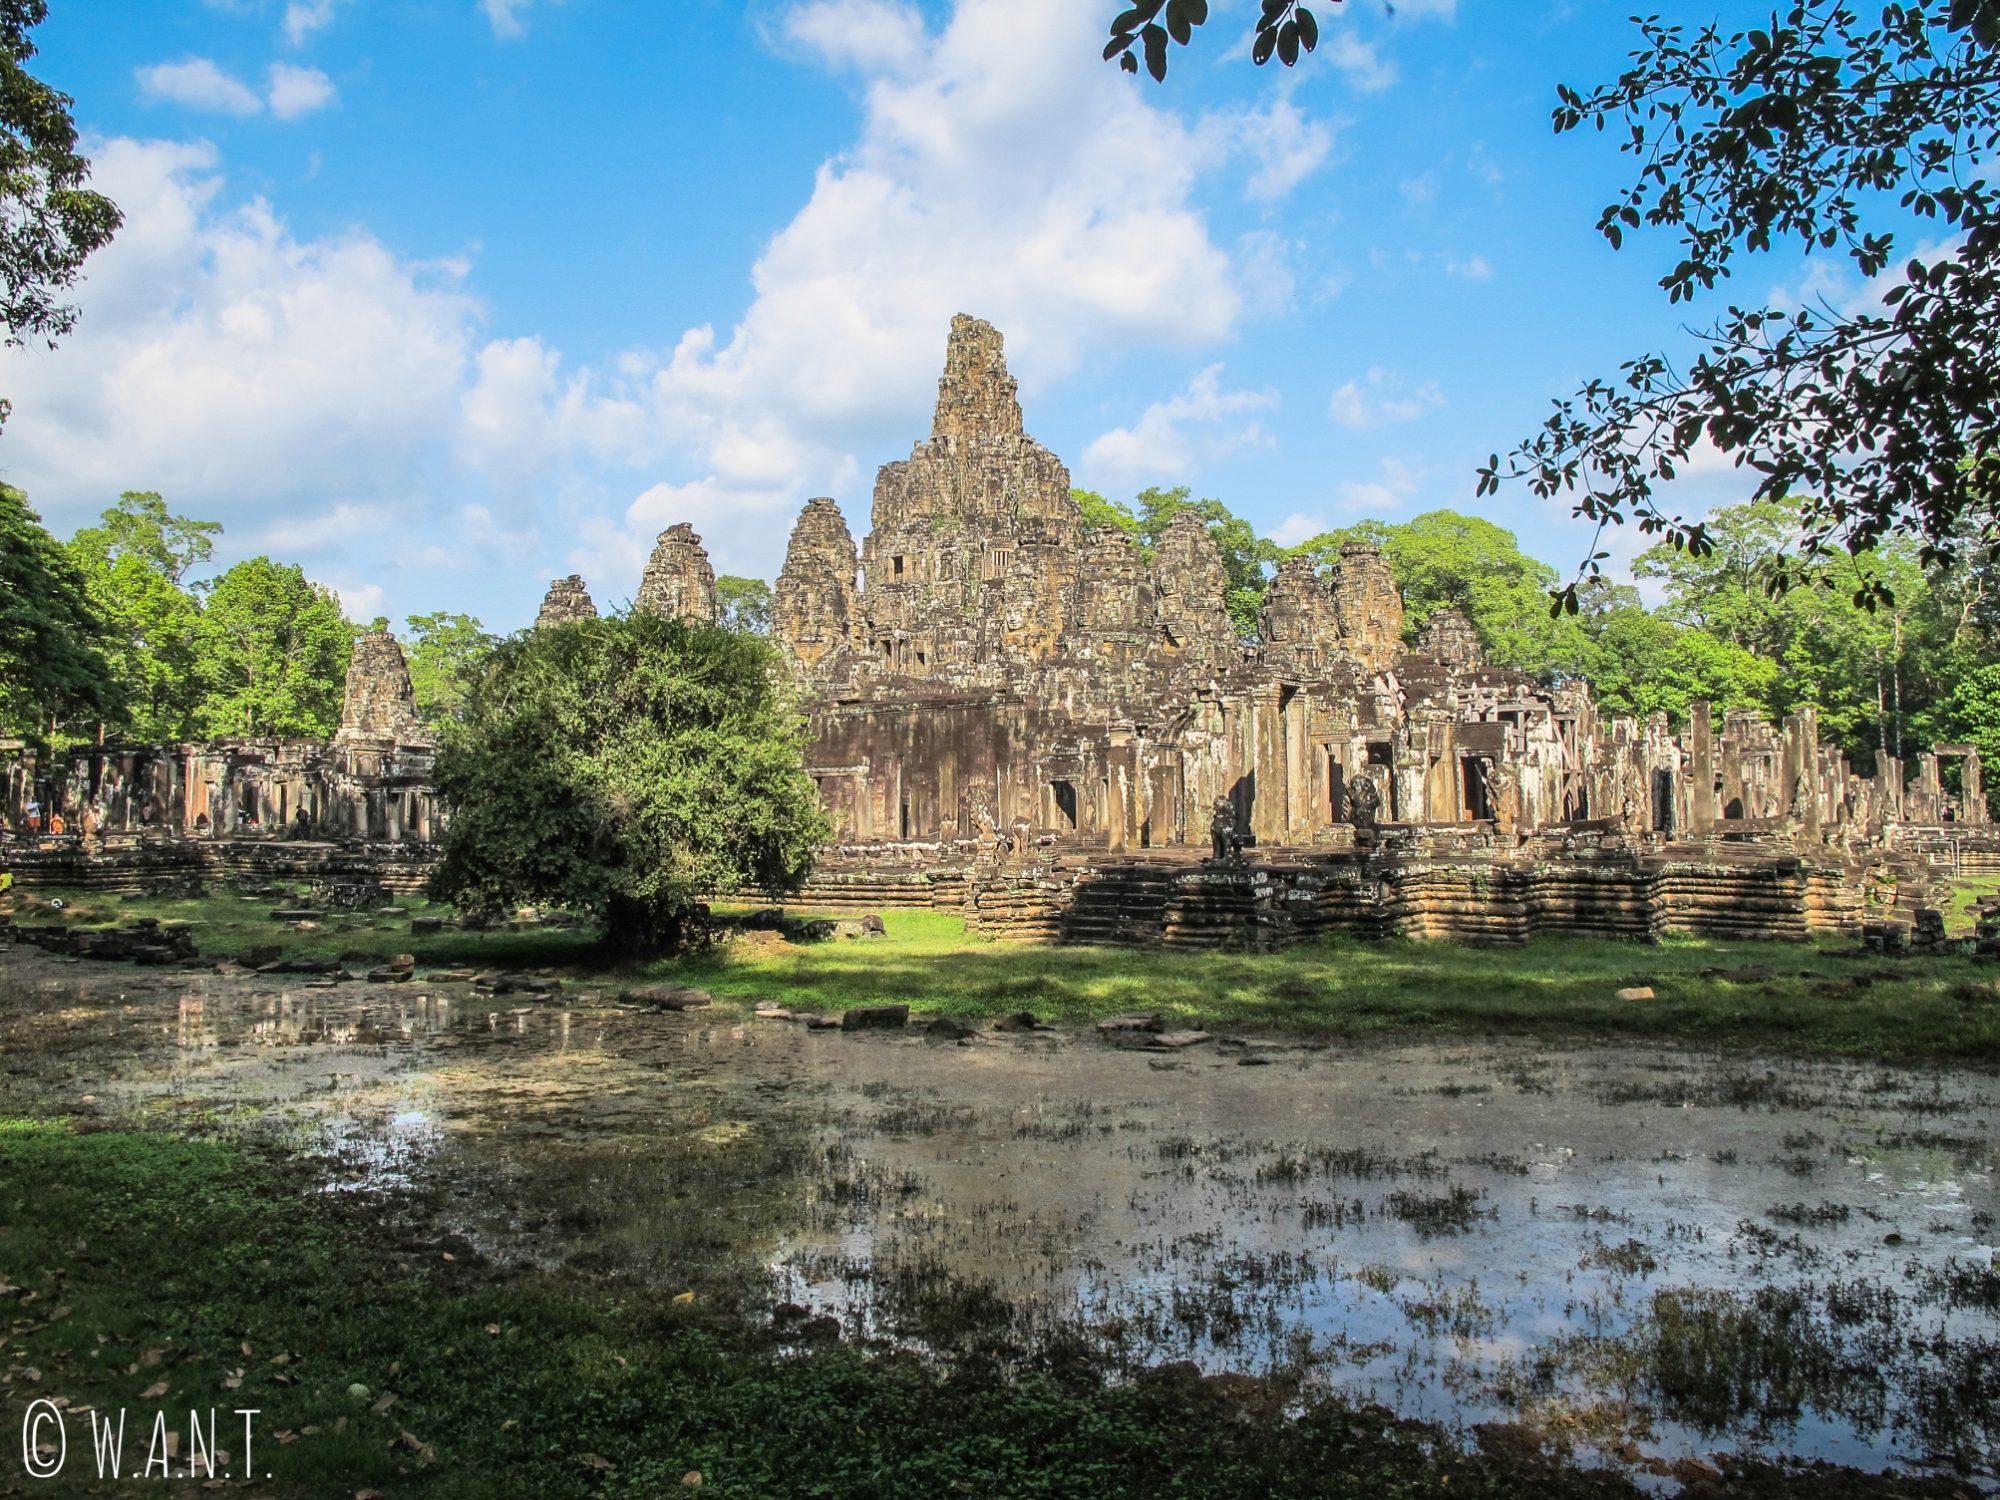 Vue sur le temple Bayon à Angkor